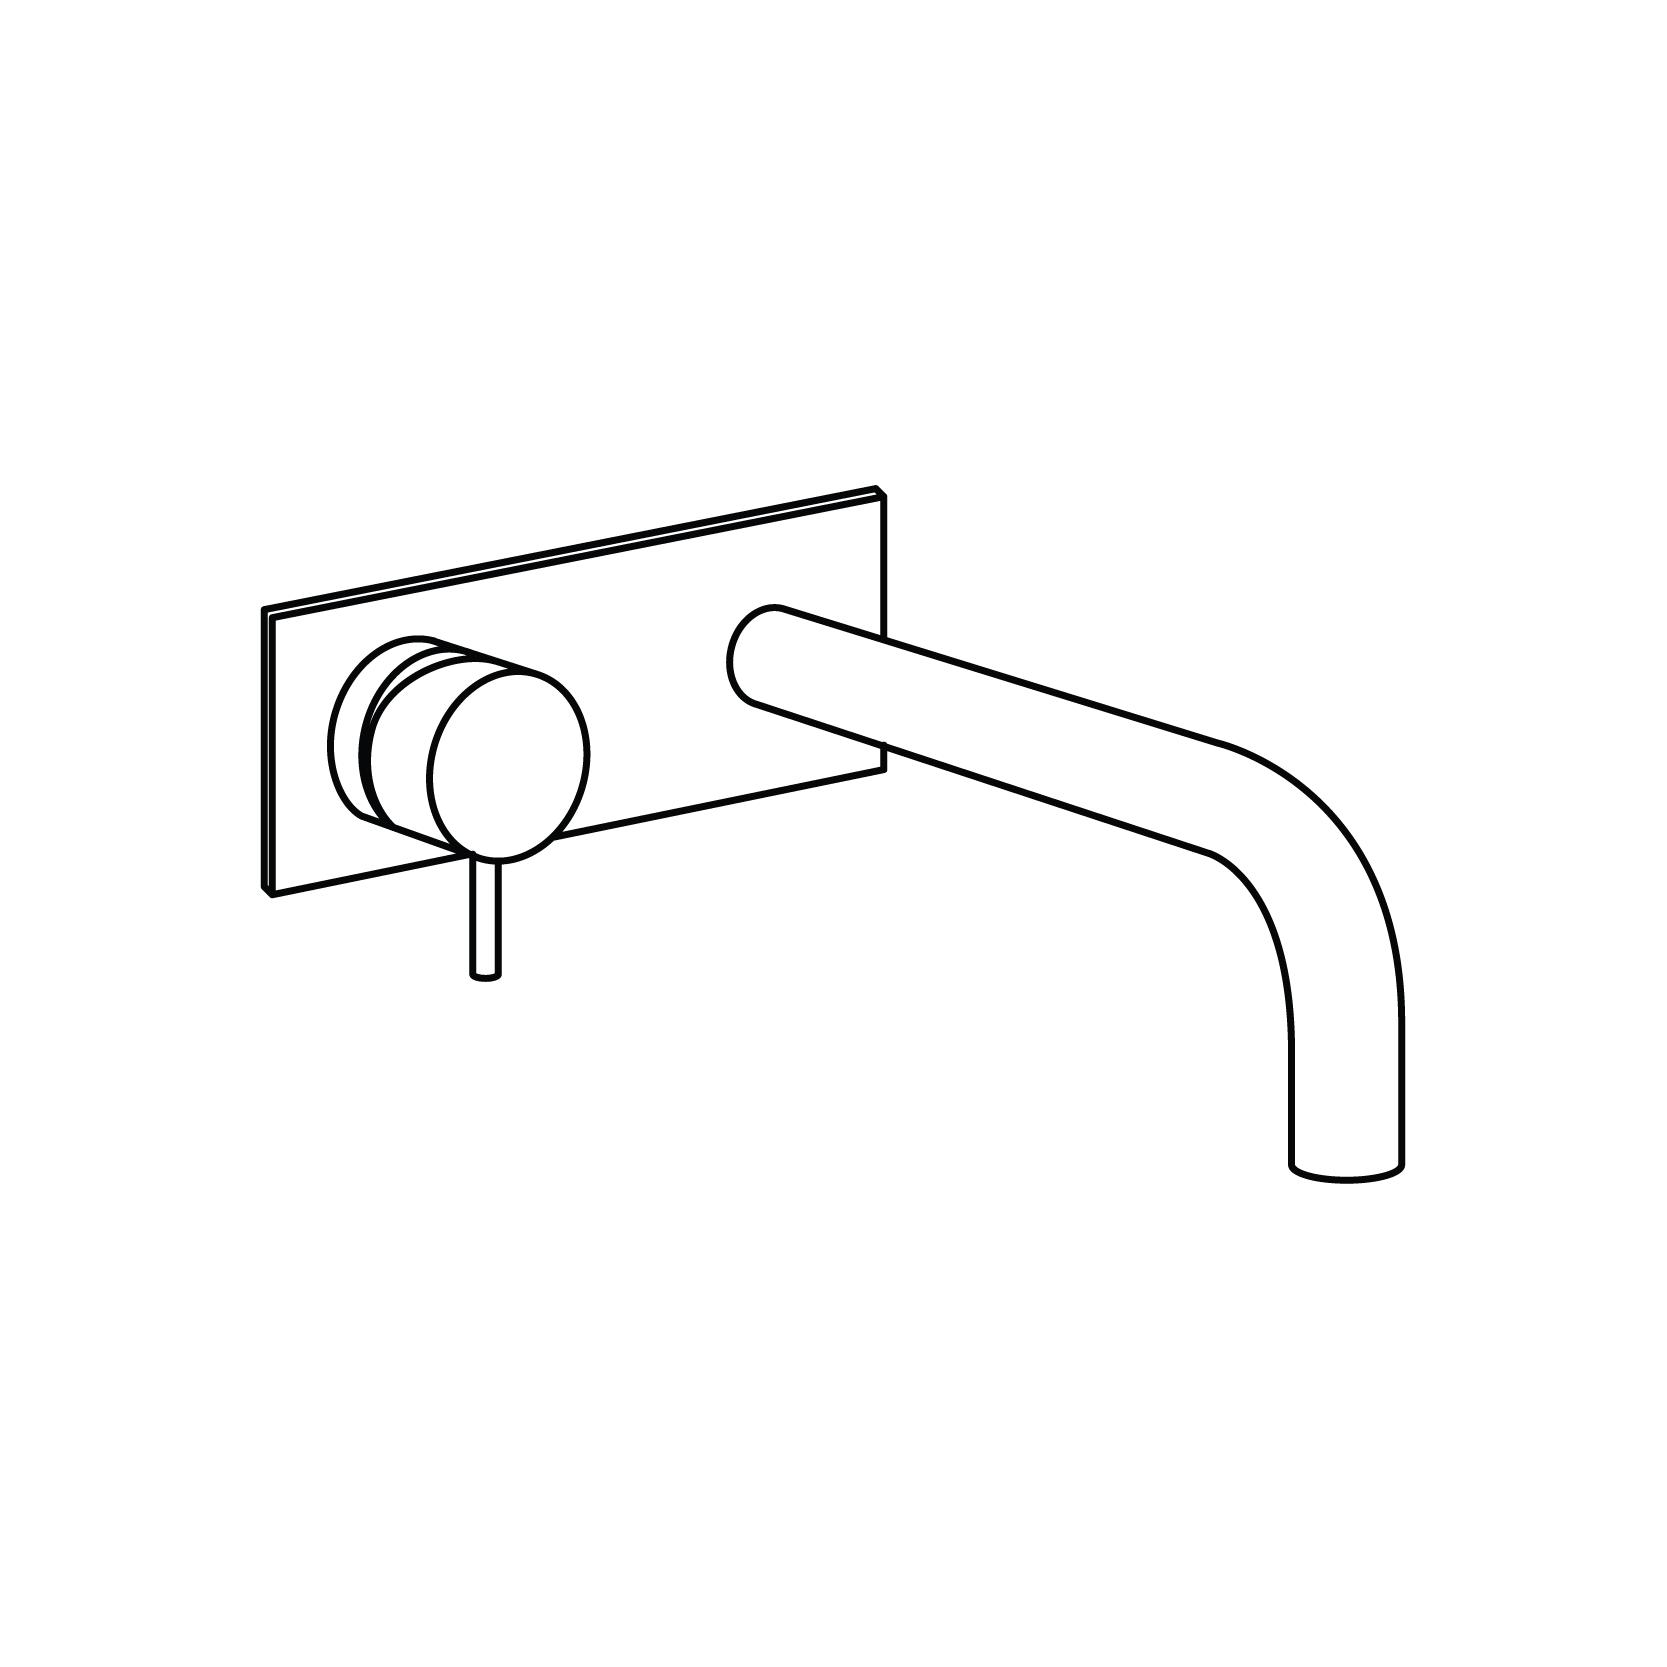 Wash Basin Drawing